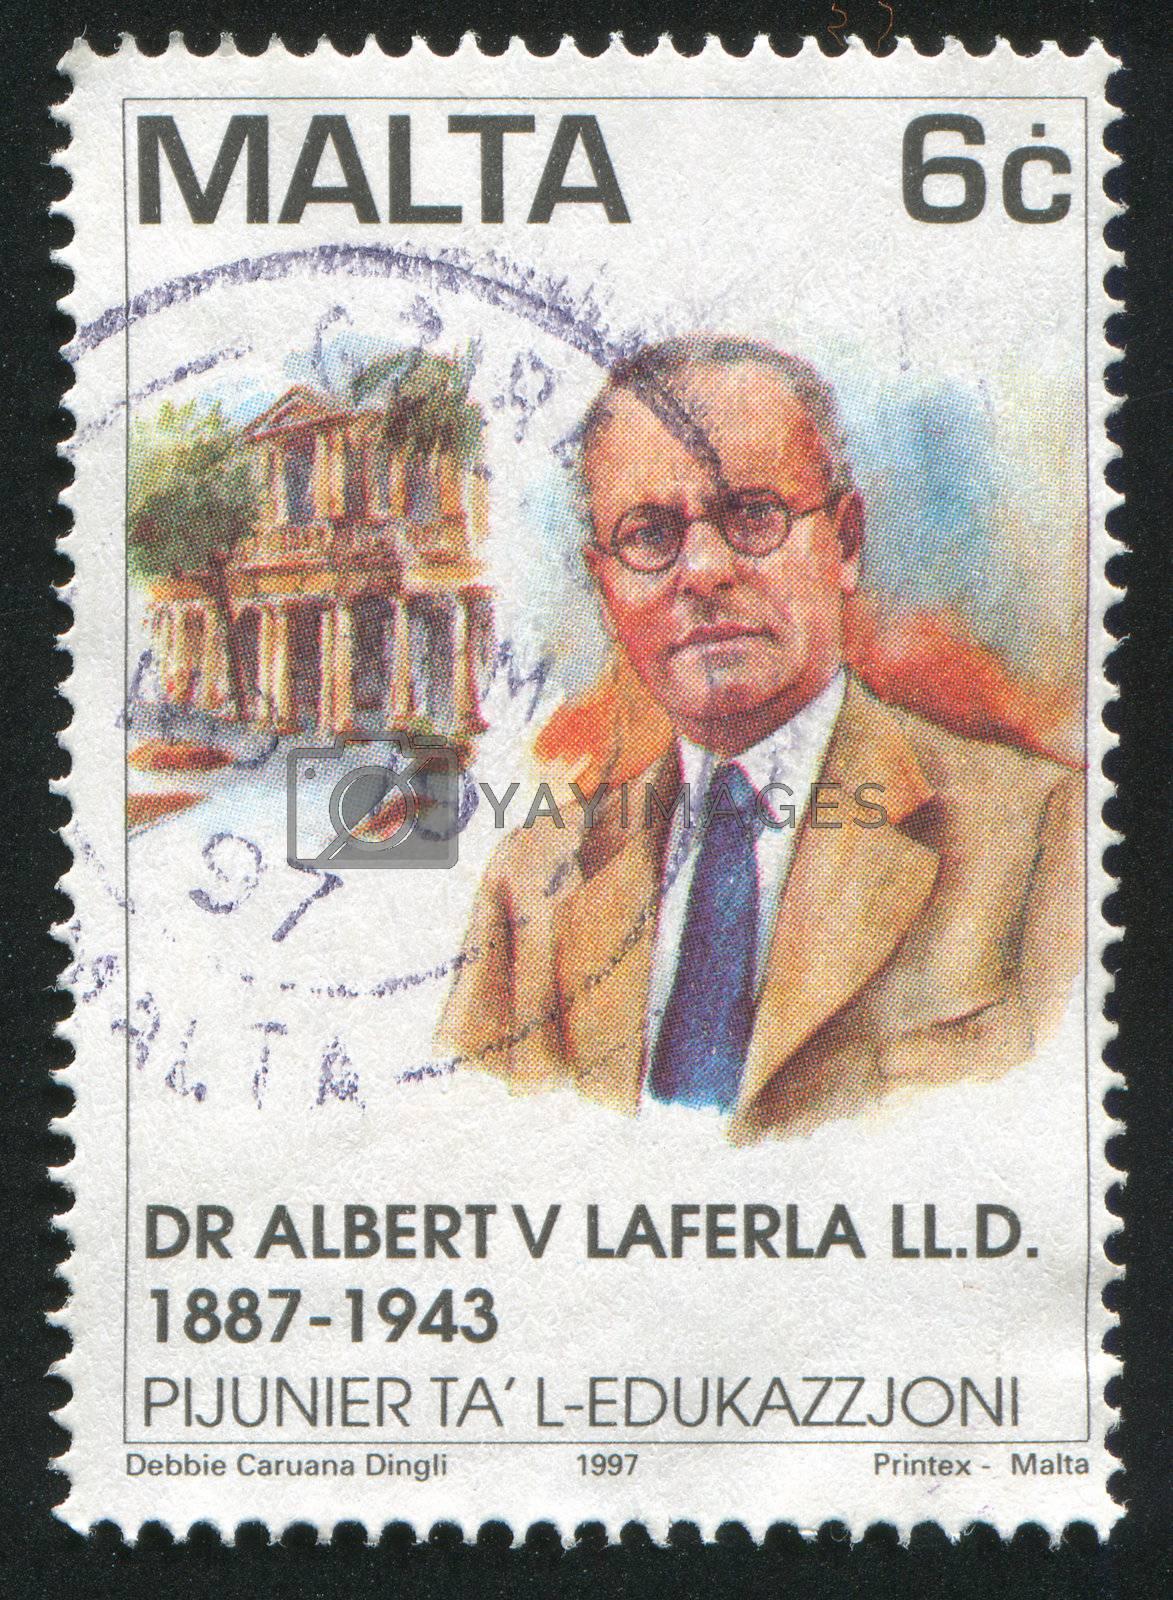 MALTA - CIRCA 1997: stamp printed by Malta, shows Dr. Albert V. Laferla, circa 1997